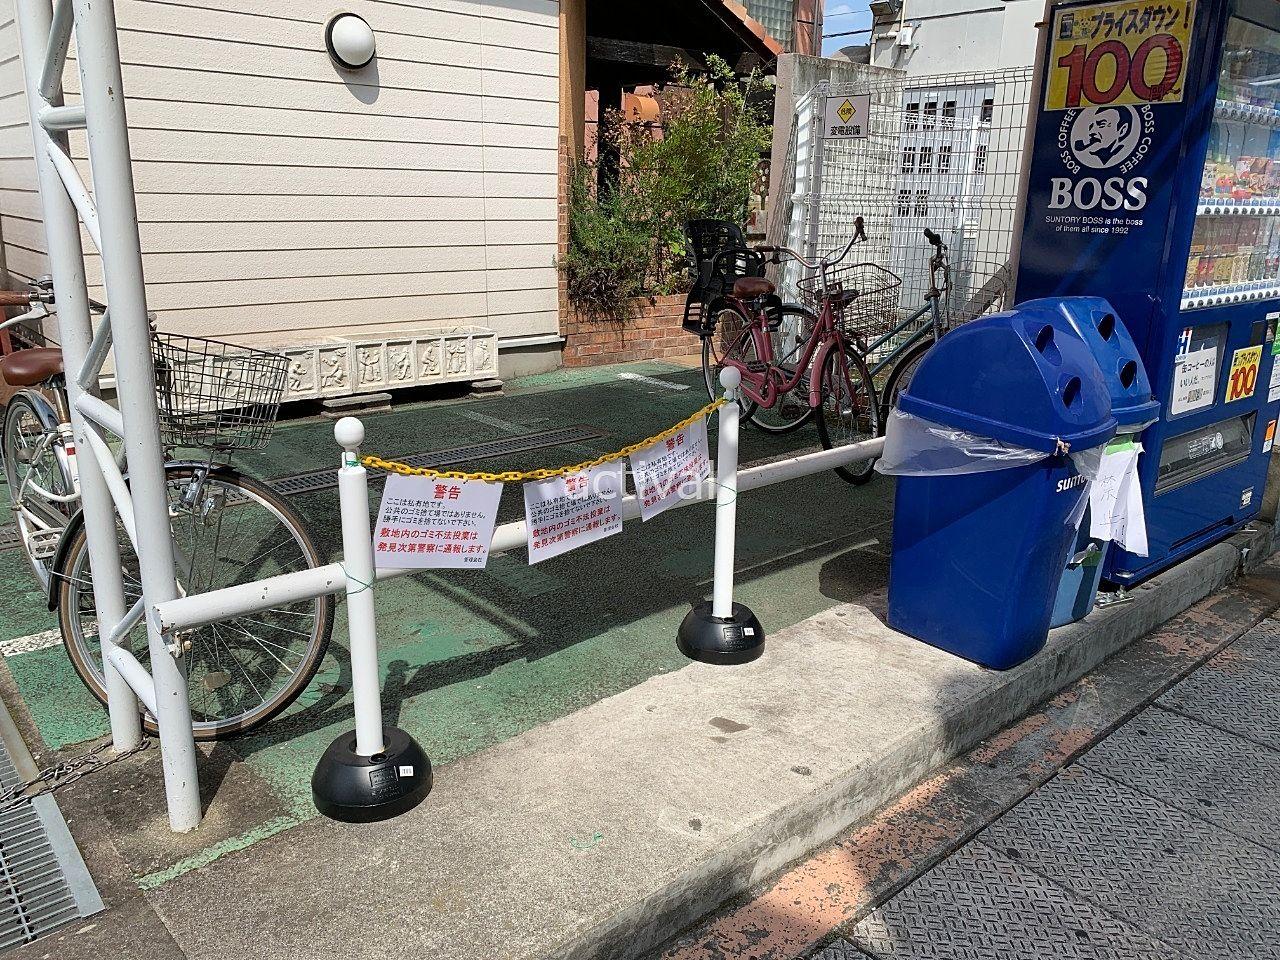 ア・ス・ヴェルデの駐輪場に「不法投棄禁止」の貼り紙を付けました ~テナントビルのオーナー業務⑯~